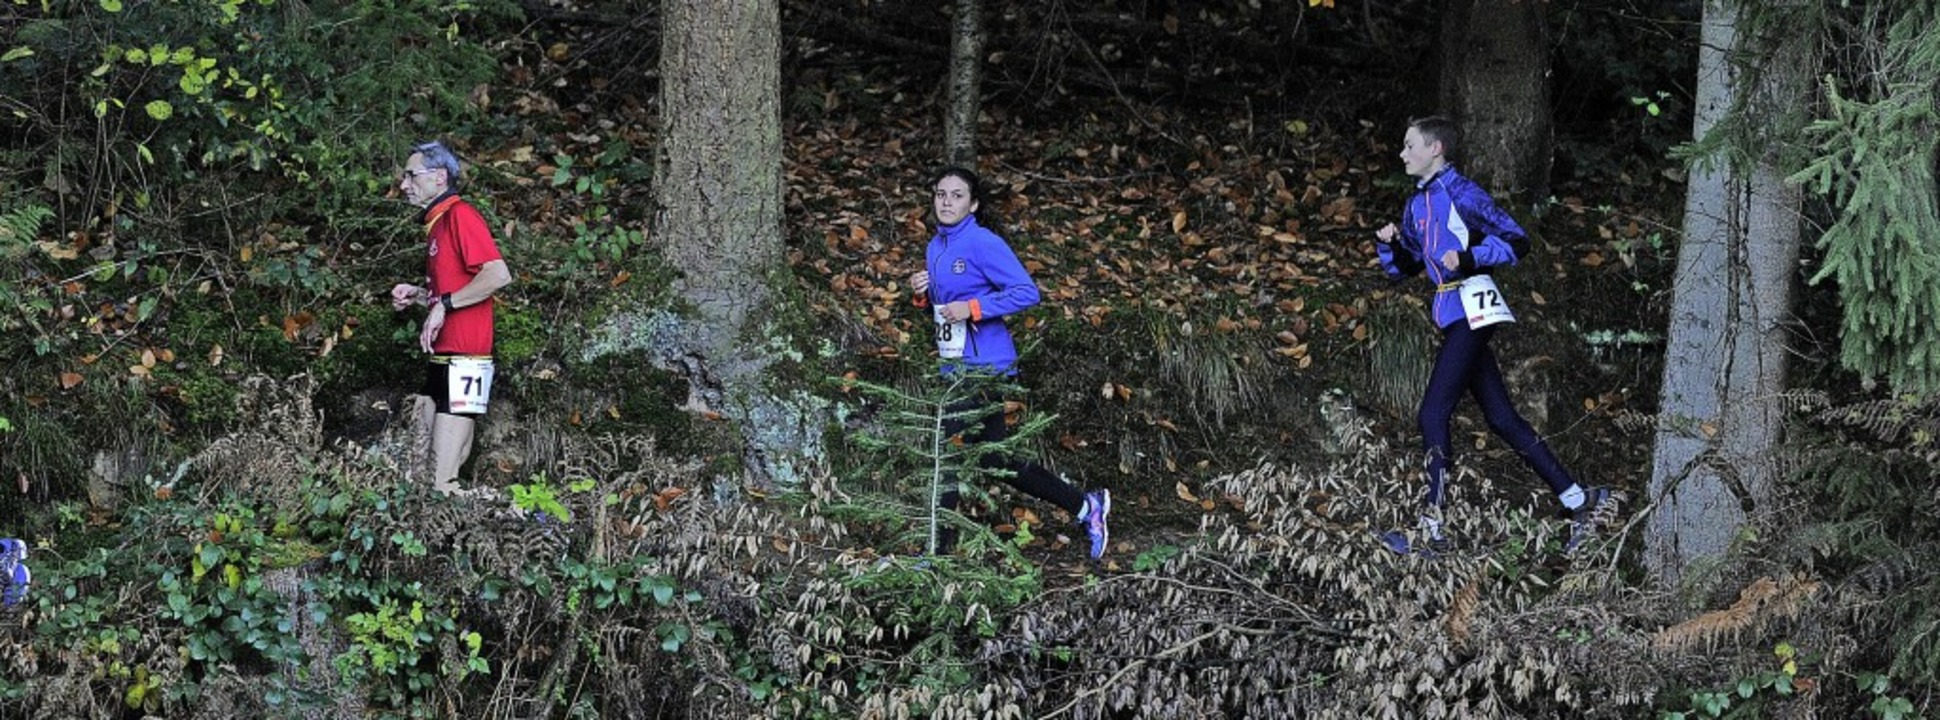 Abwechslungsreich und anspruchsvoll ist die Strecke beim Nikolauslauf.     Foto: Pressebüro Schaller